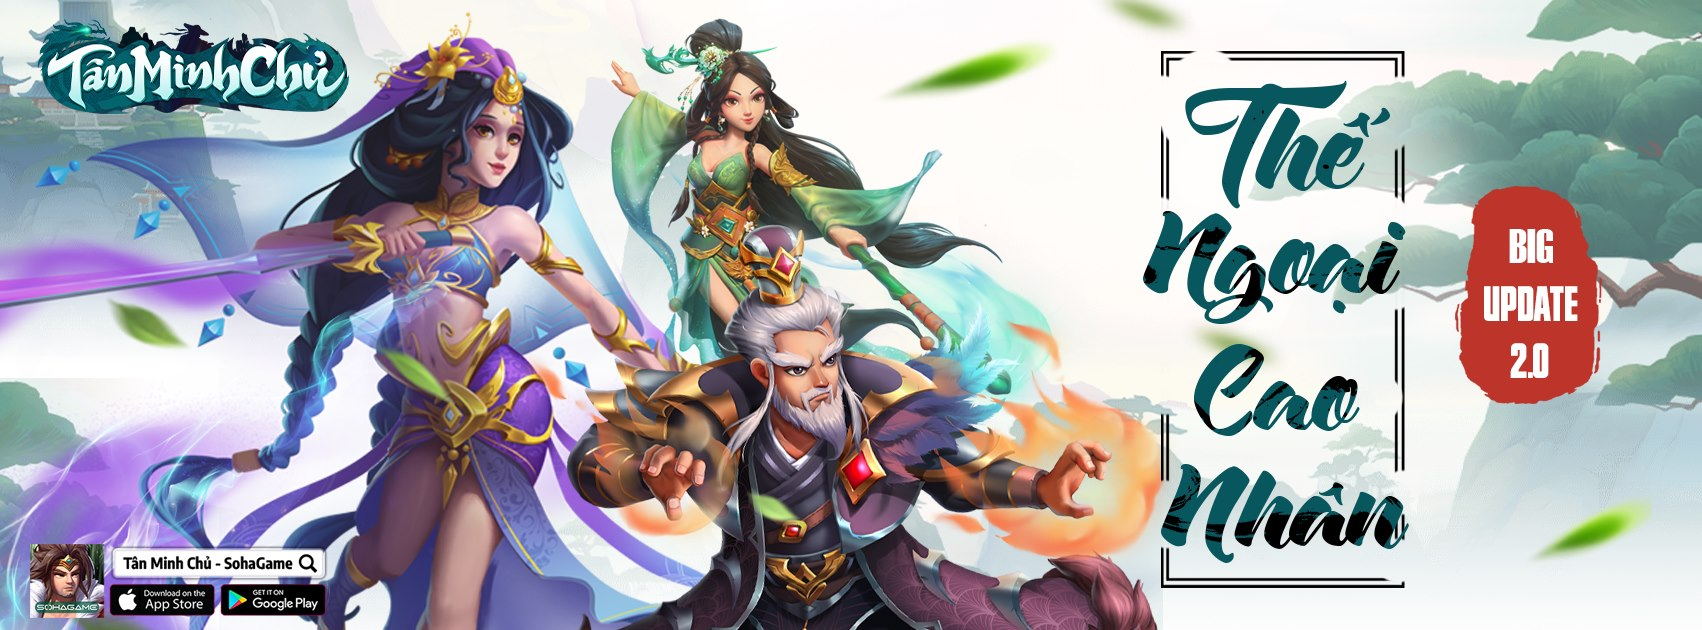 5 Giftcode Tân Minh Chủ MỚI NHẤT mừng Update 2.0: Hoàng Dung vừa ra đã quá bá so với phần còn lại? - Ảnh 1.